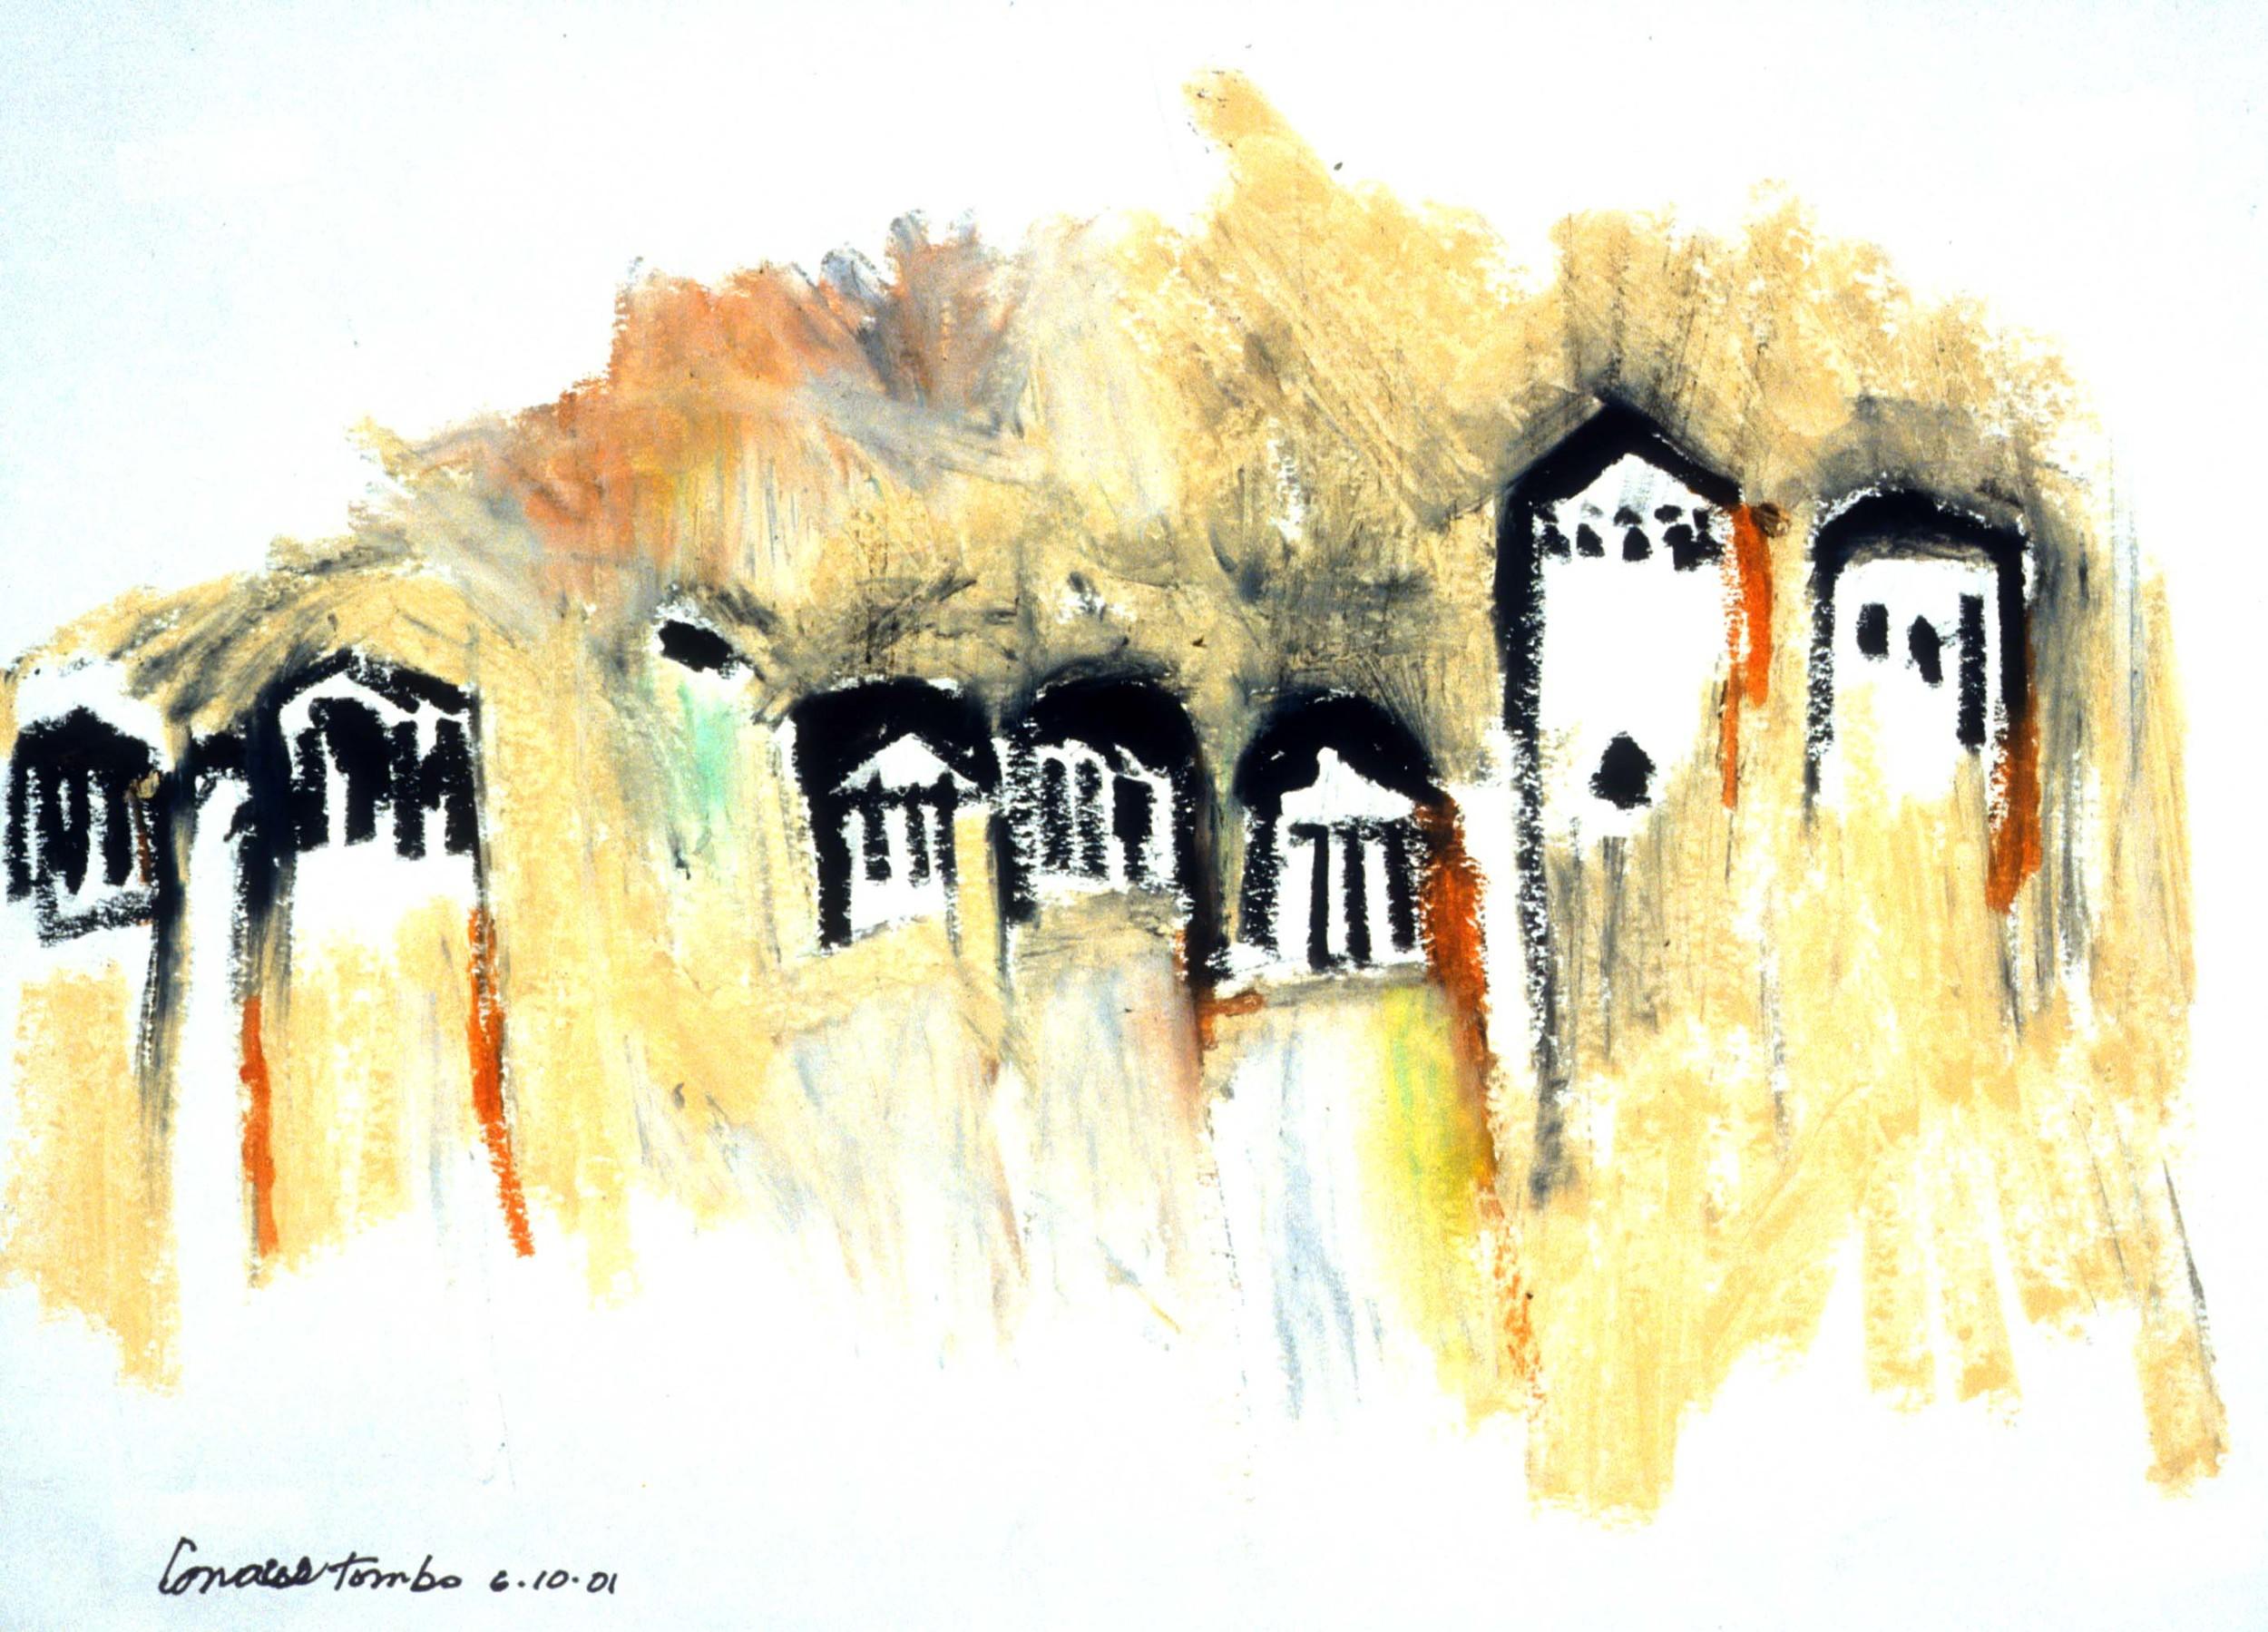 Kanus Tombs